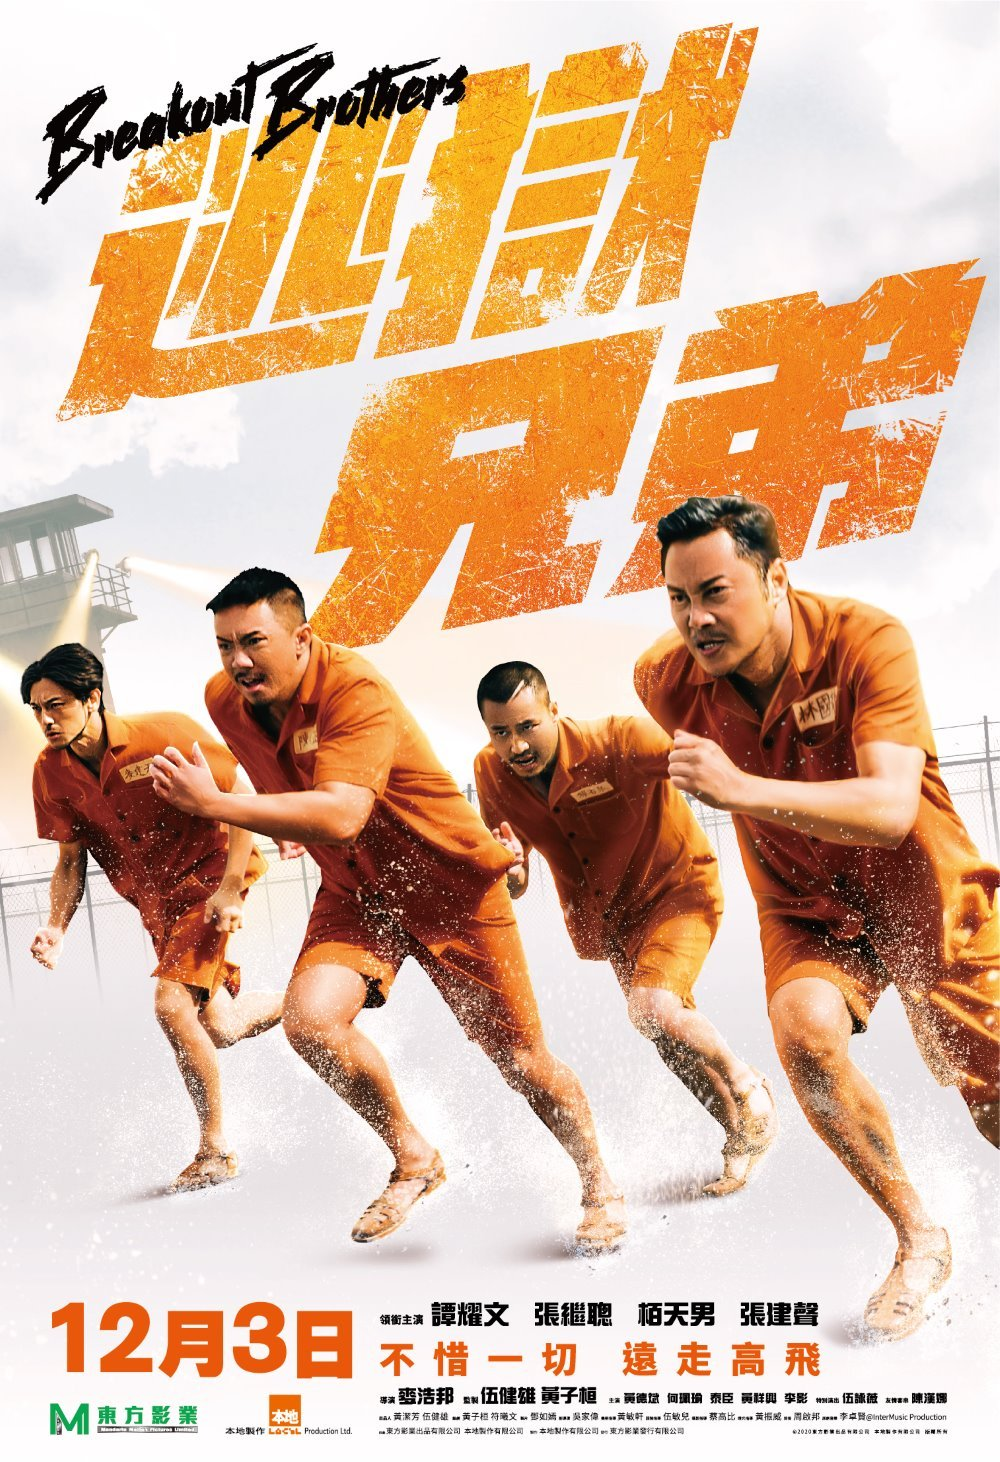 戲院年初七重開 《拆彈專家2》《狂舞派3》率先上映